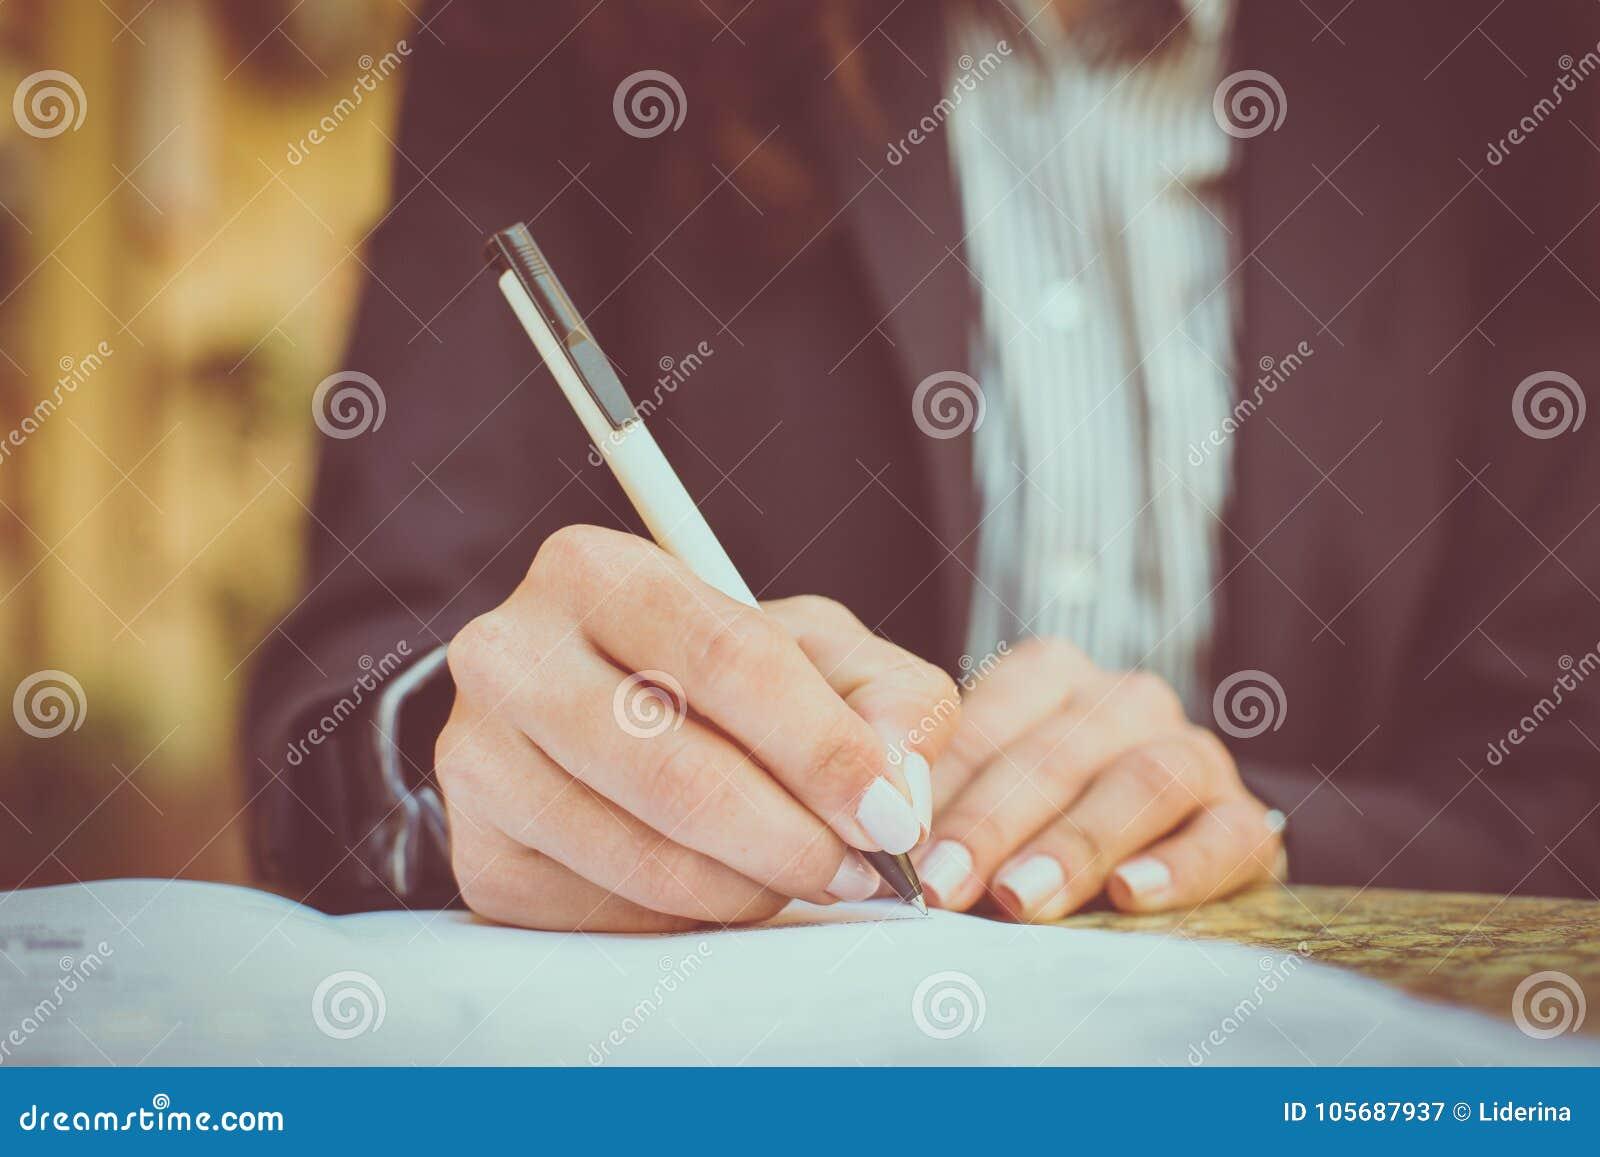 Underteckna in dokument close upp